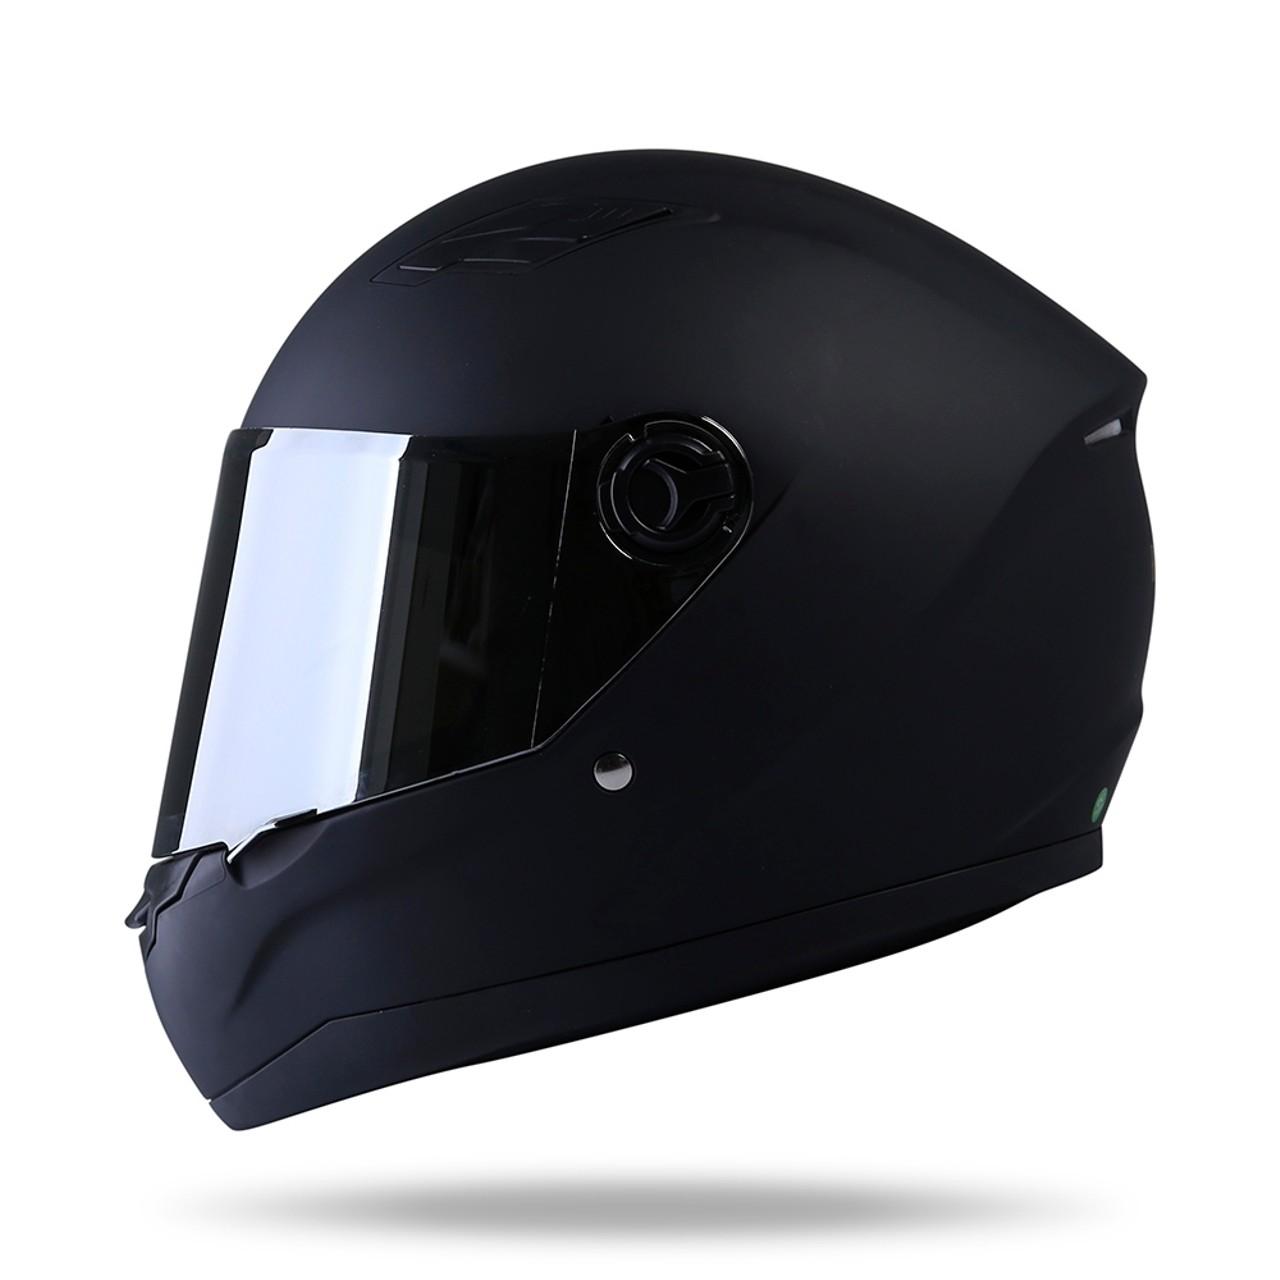 Mũ bảo hiểm có kính tráng gương chống mưa bụi